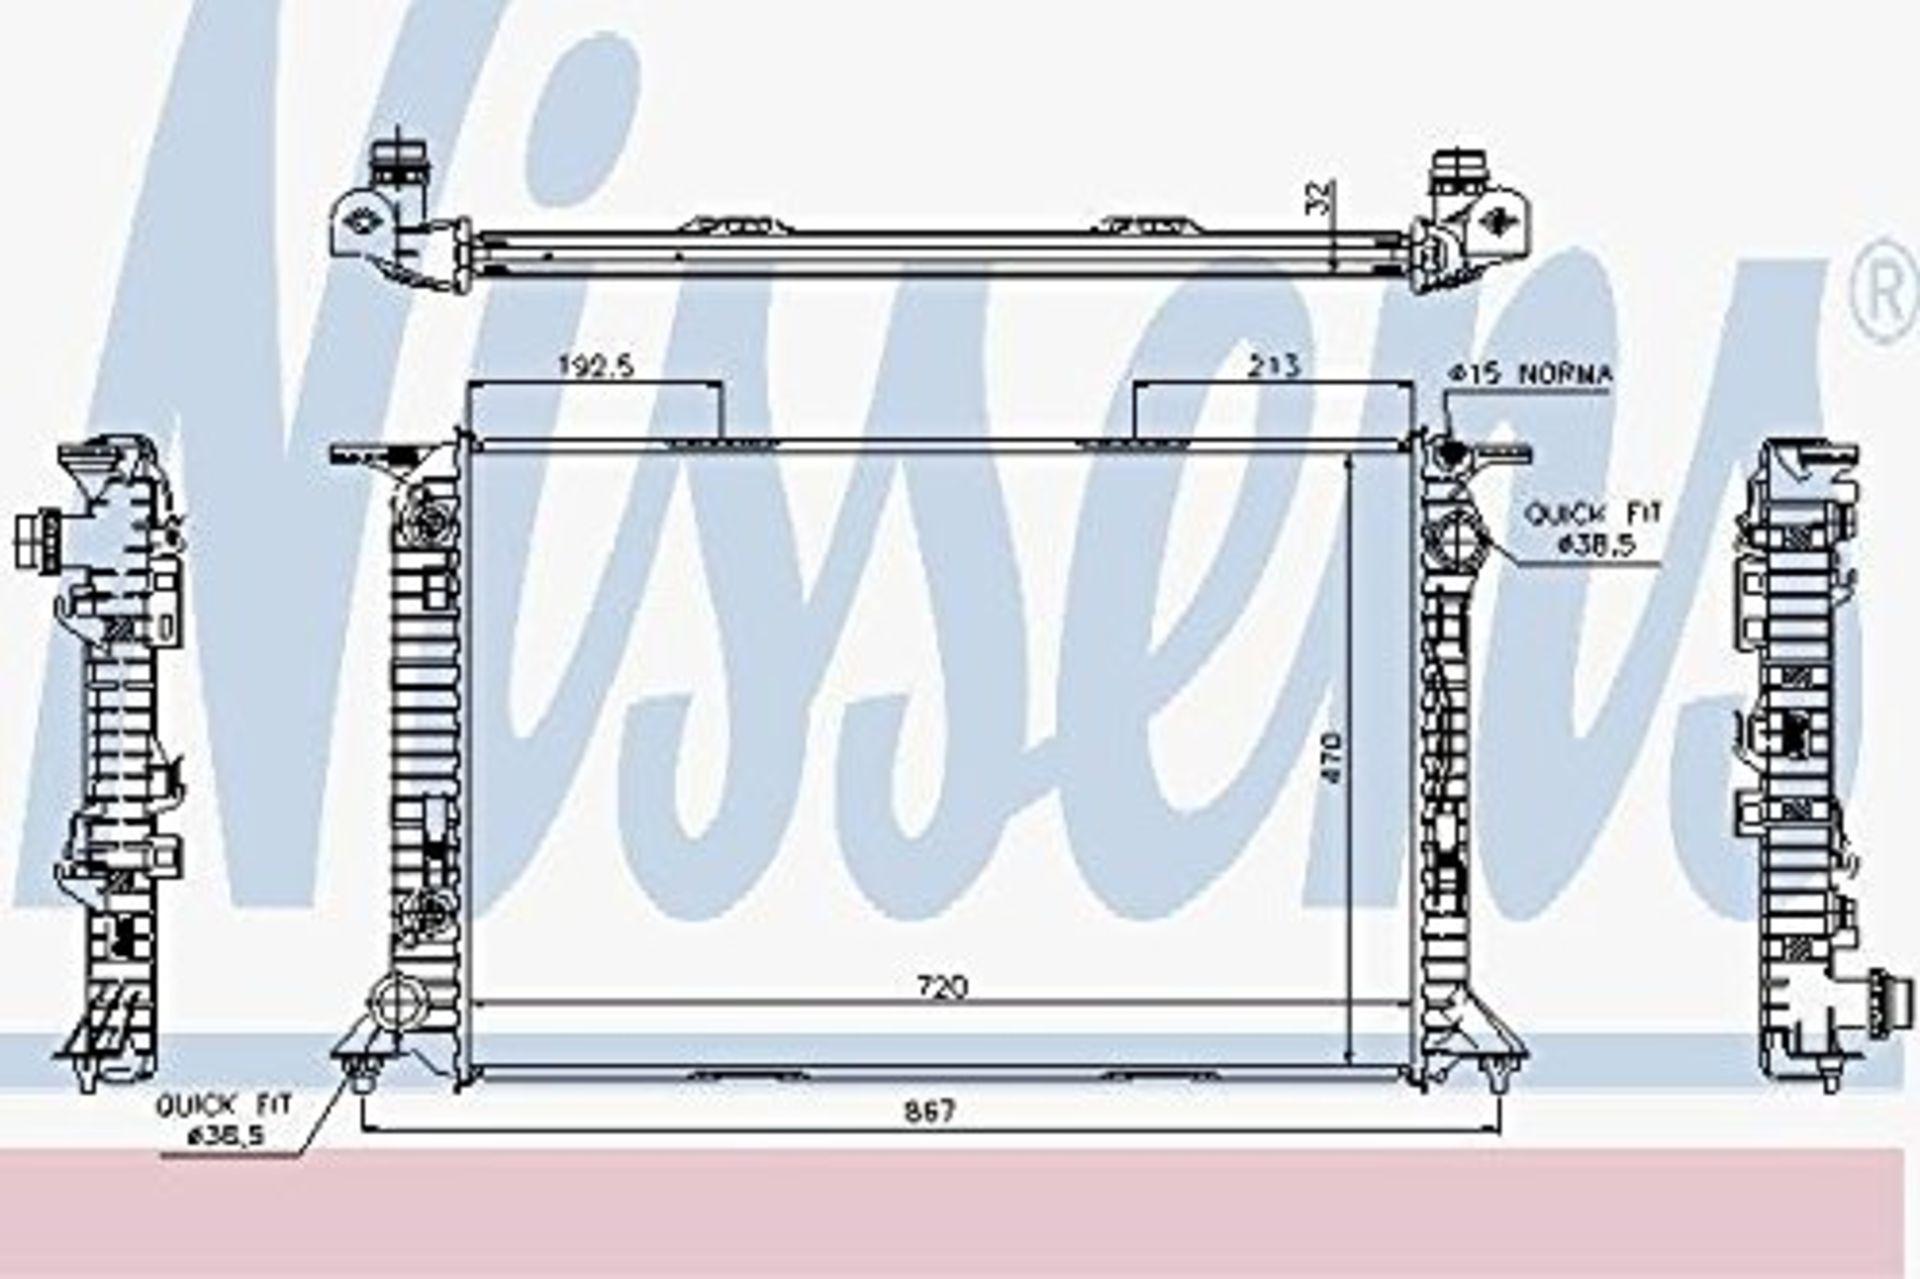 Lot 44 - Nissens 85636 Fan, radiator